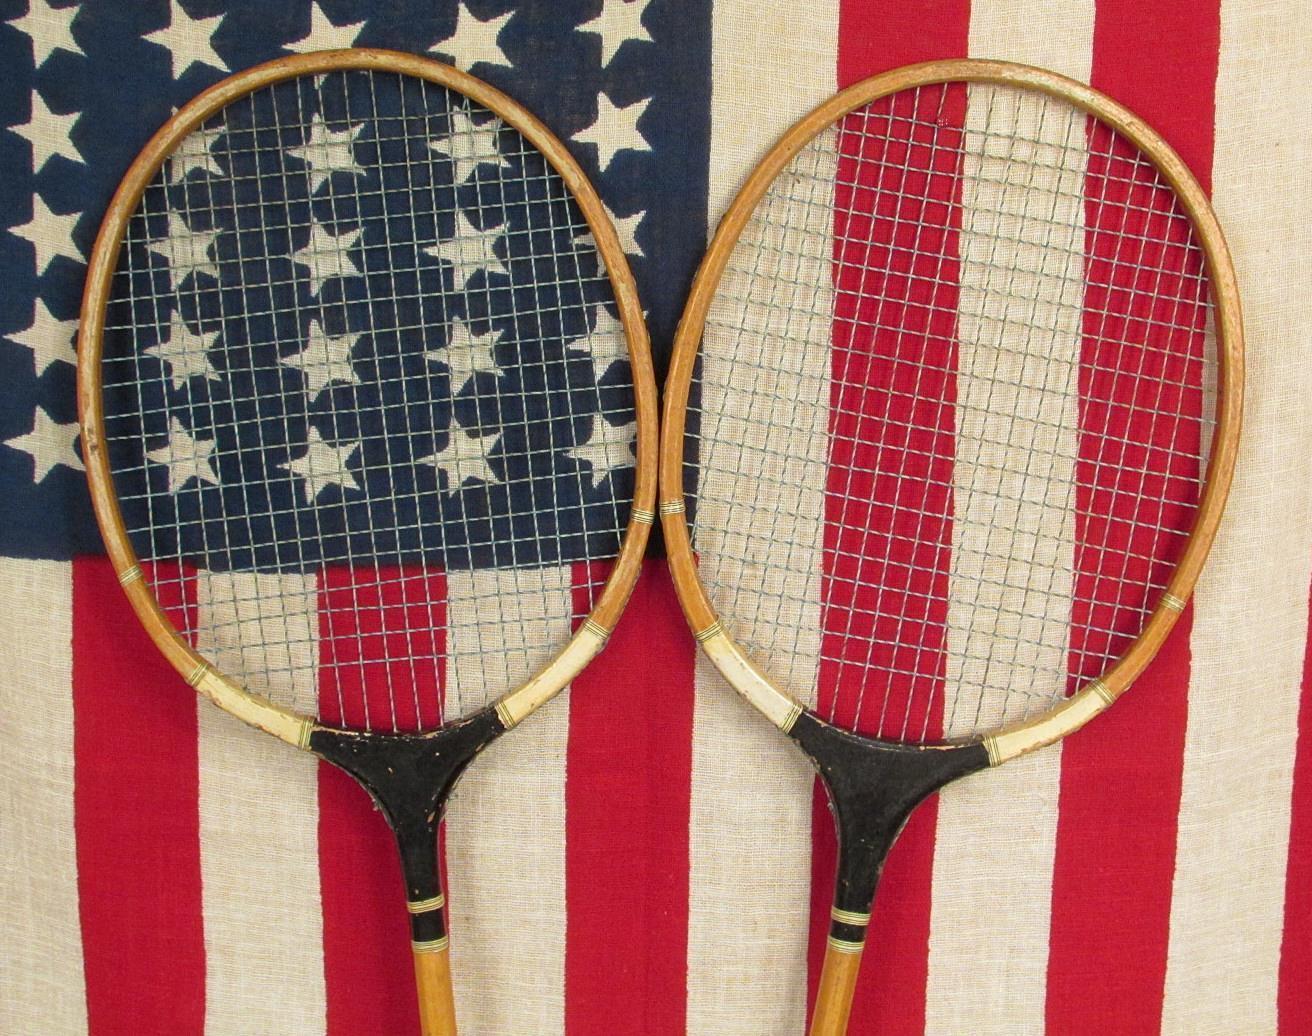 Vintage Antique Pair Winner Wood Badminton Racquets Great Logo  Antique Vintage Wall Art Decor 51cb4d